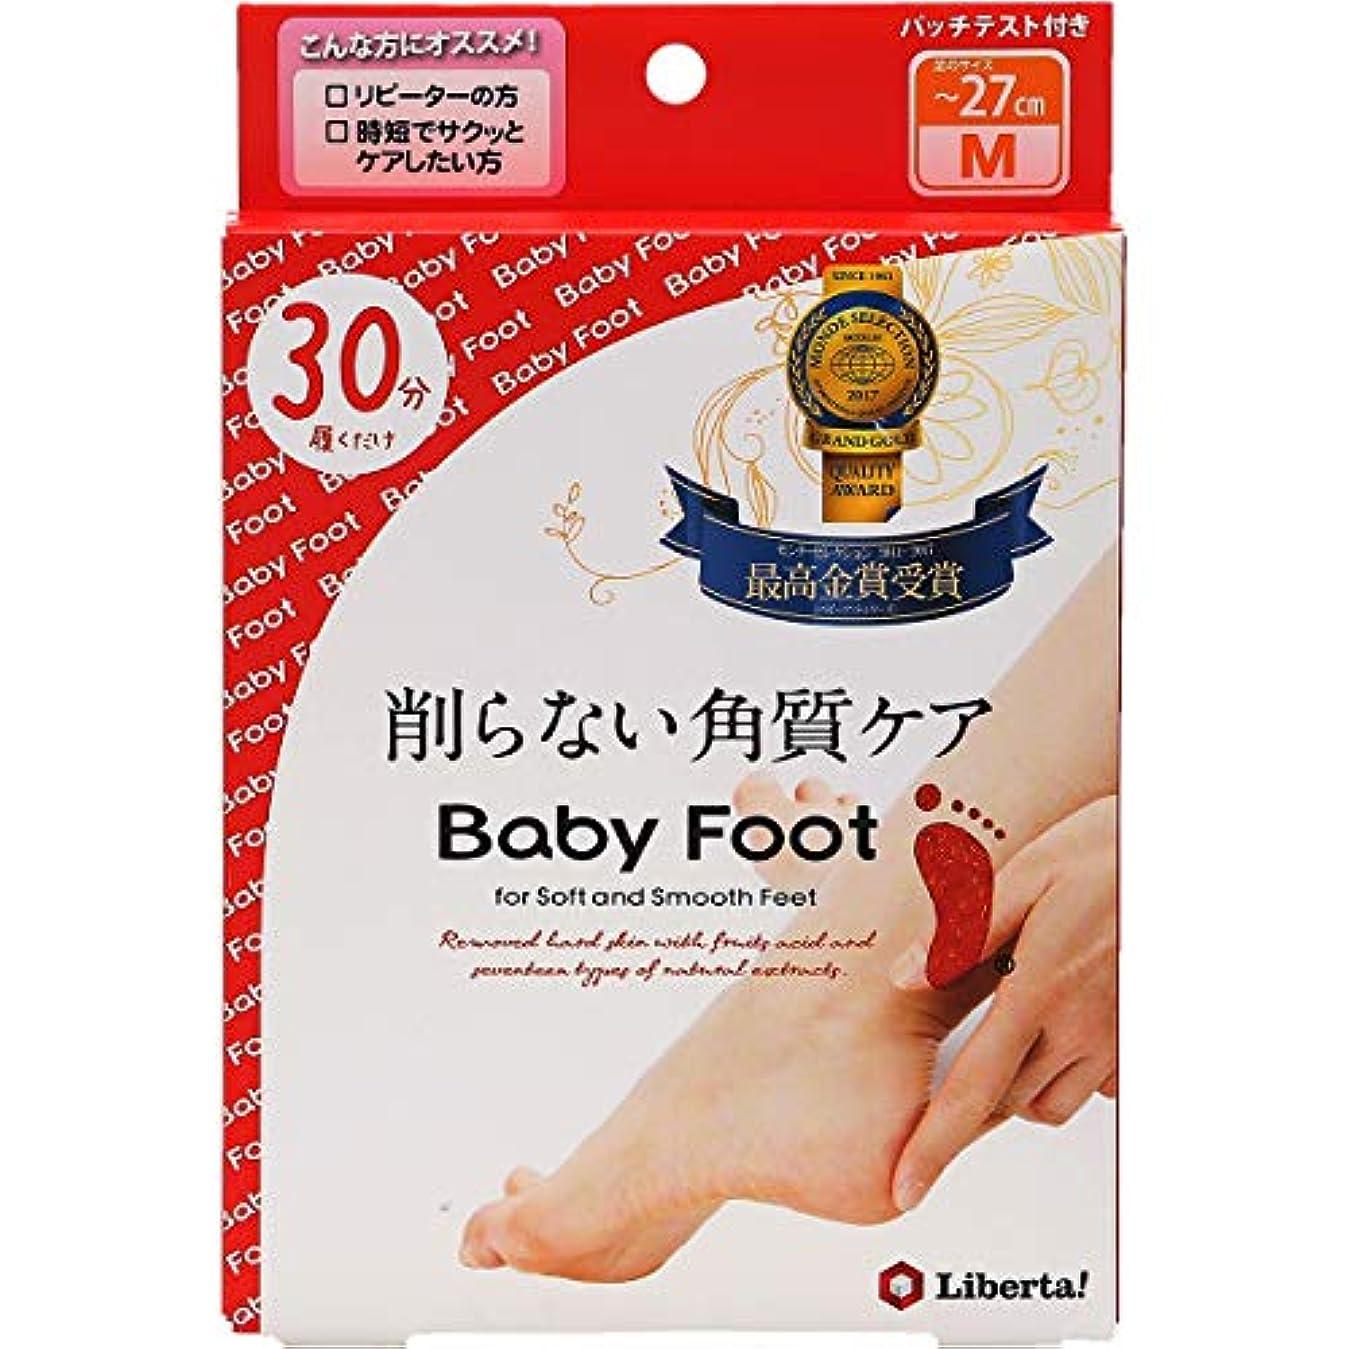 自分の力ですべてをする防衛傾くベビーフット (Baby Foot) ベビーフット イージーパック30分タイプ Mサイズ 単品